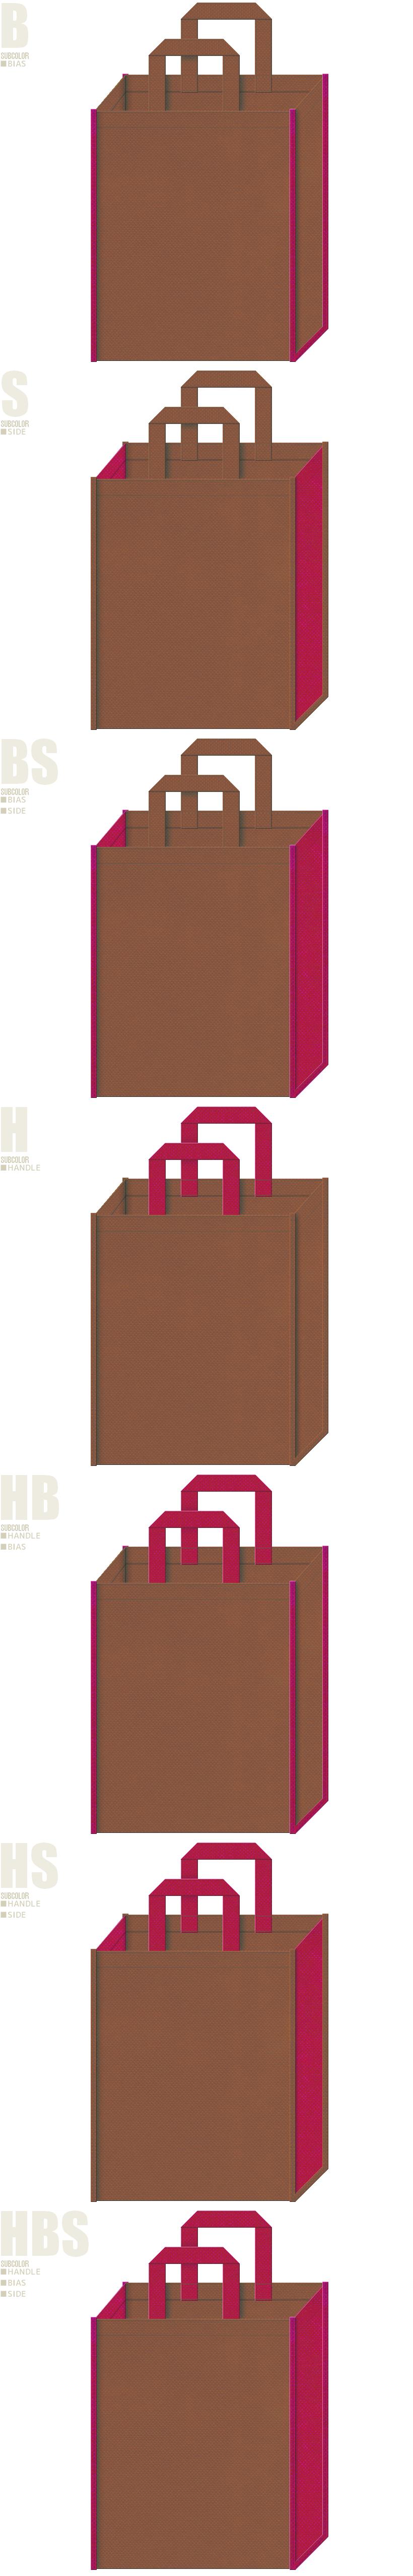 南国、トロピカルイメージの不織布バッグにお奨めの配色です。茶色と濃い目のピンク色、7パターンの不織布トートバッグ配色デザイン例。